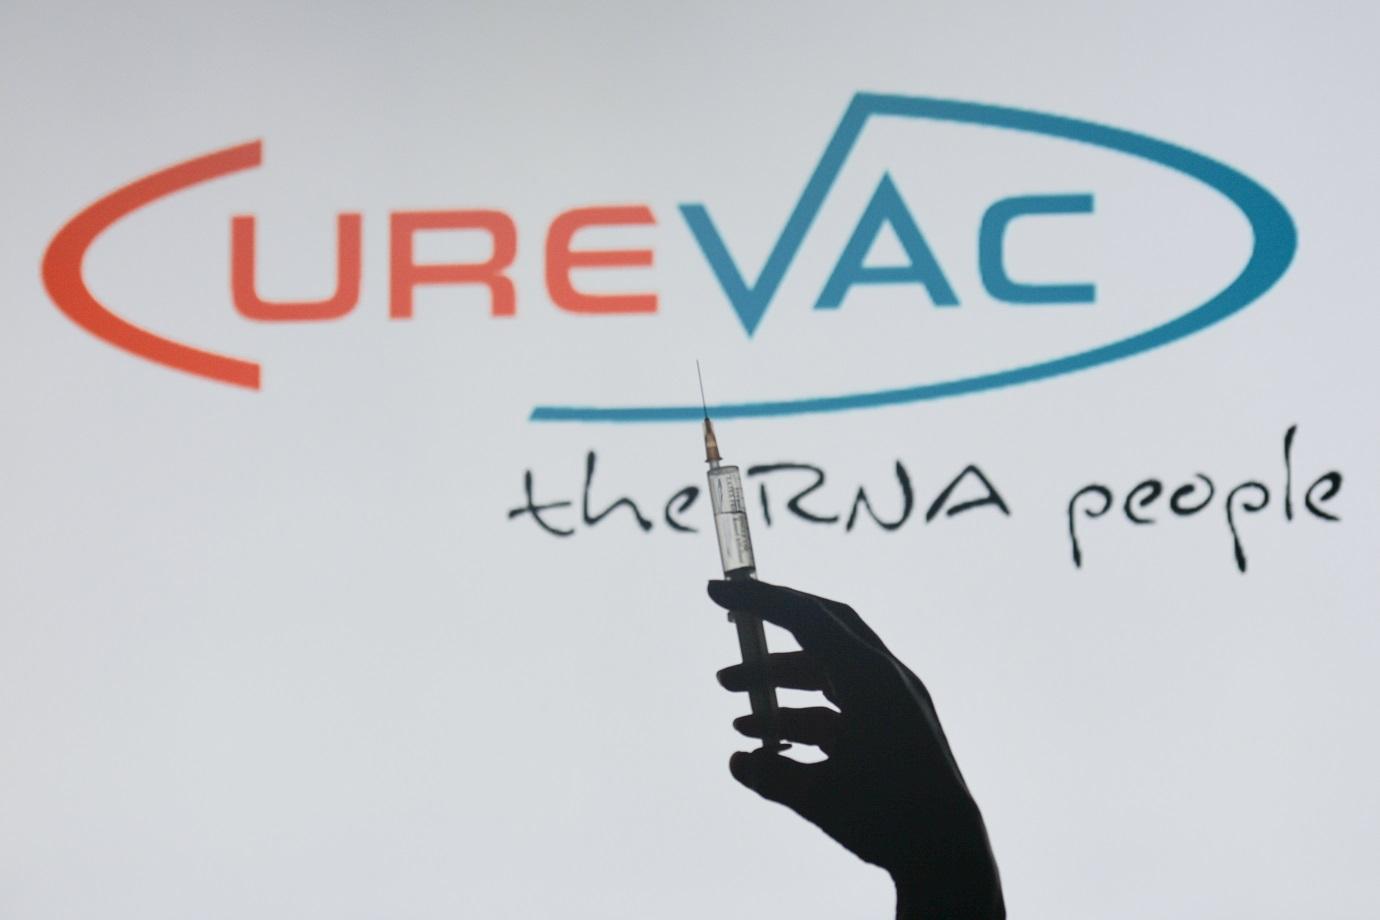 Vacina da CureVac contra covid-19 falha em teste